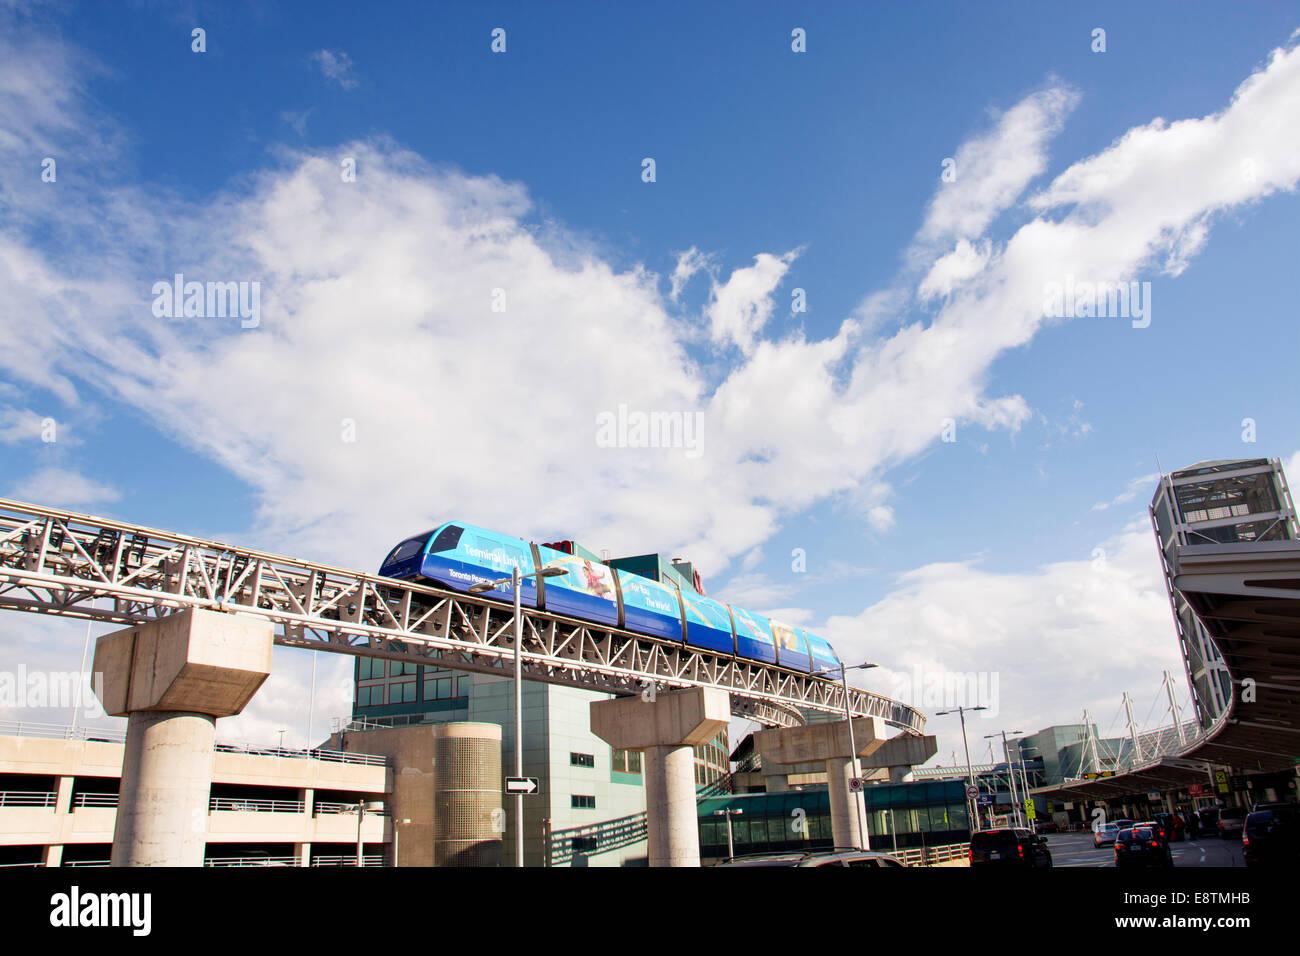 Futuristische Monorail Shuttle-Zug am Flughafen Toronto-Pearson ...